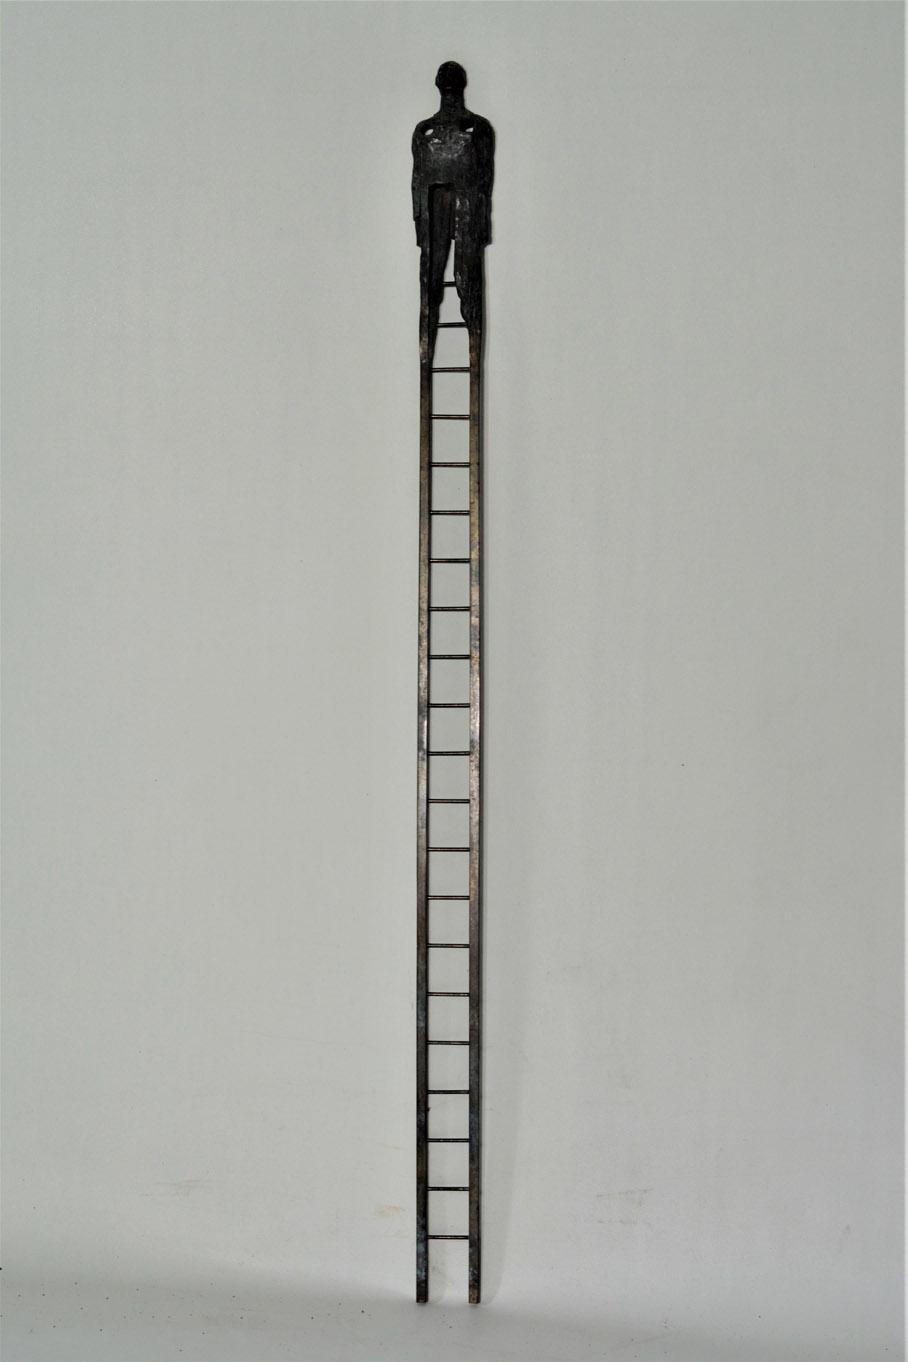 79. Hombre escalera